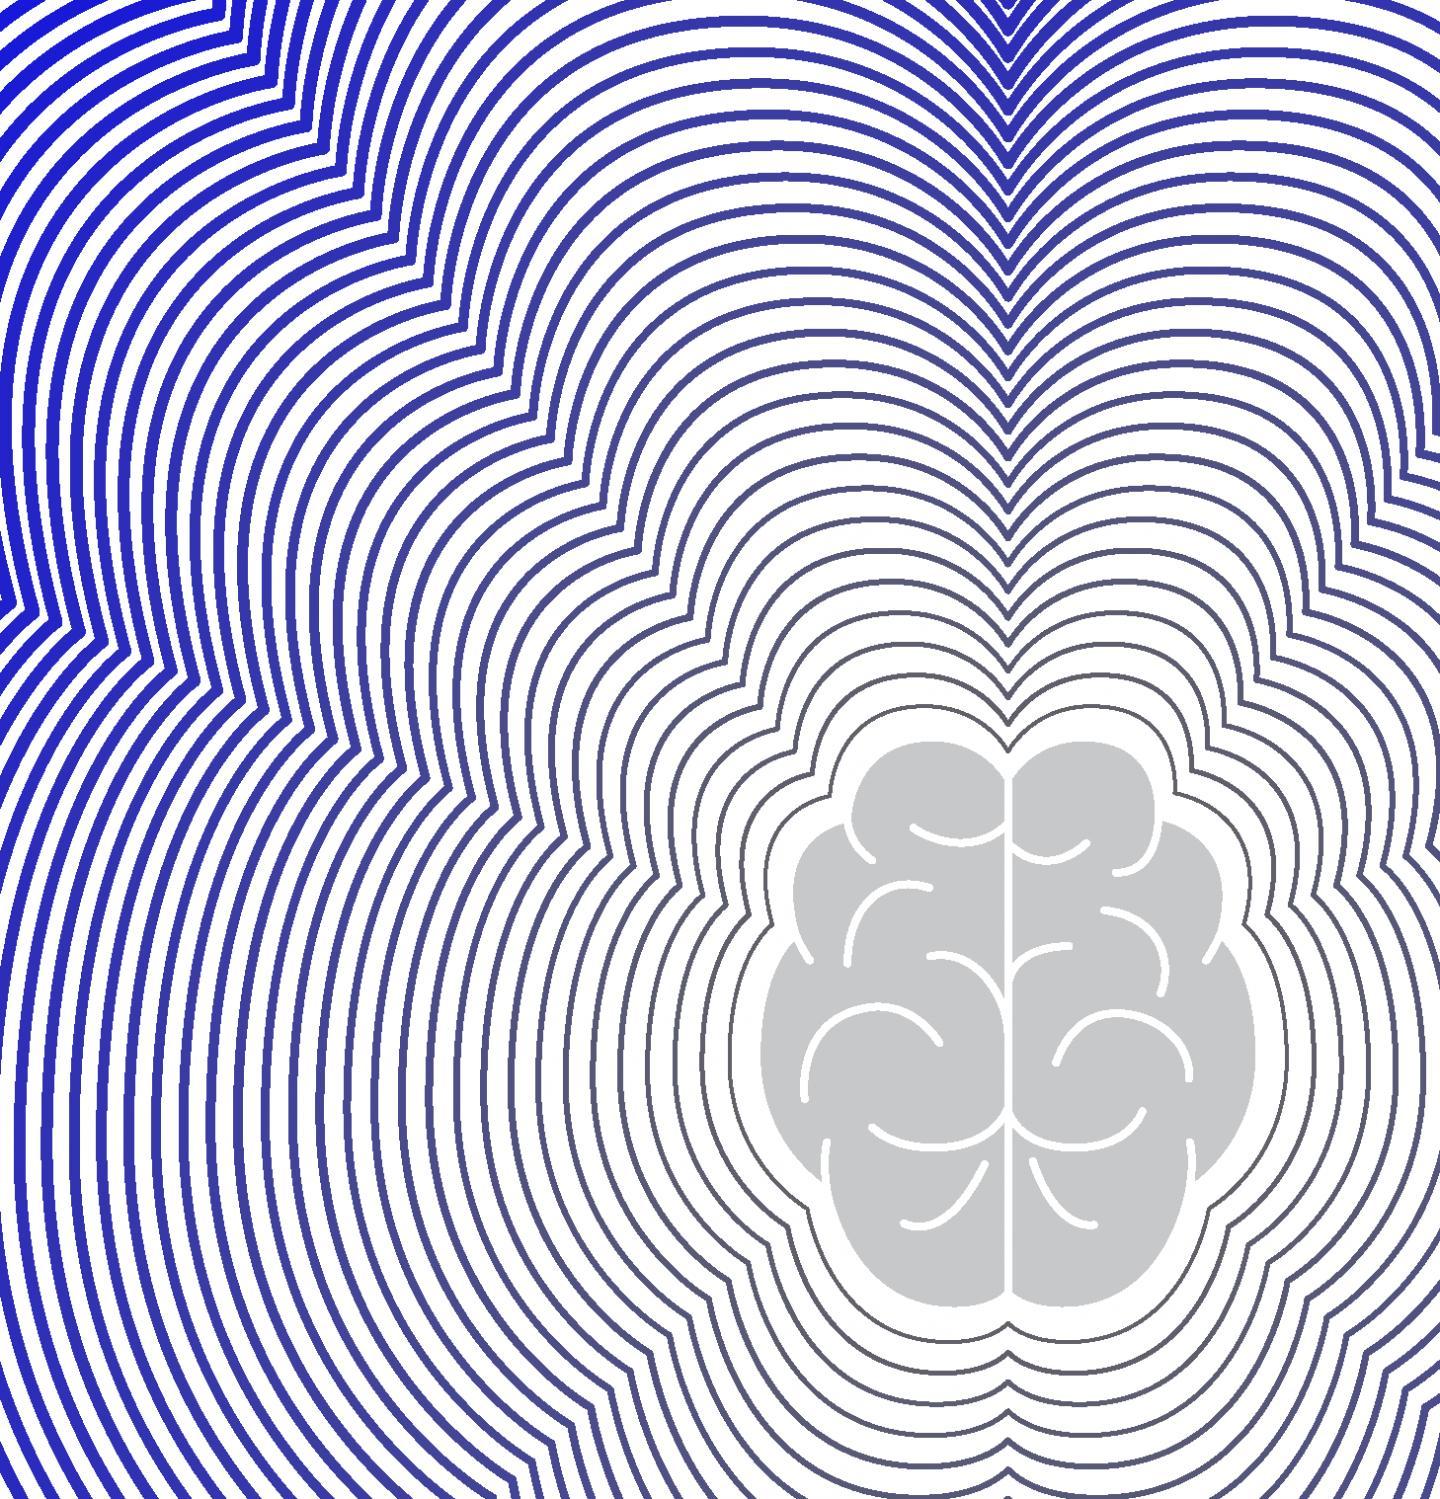 ADHD May Increase Parkinson's Risk - Neuroscience News